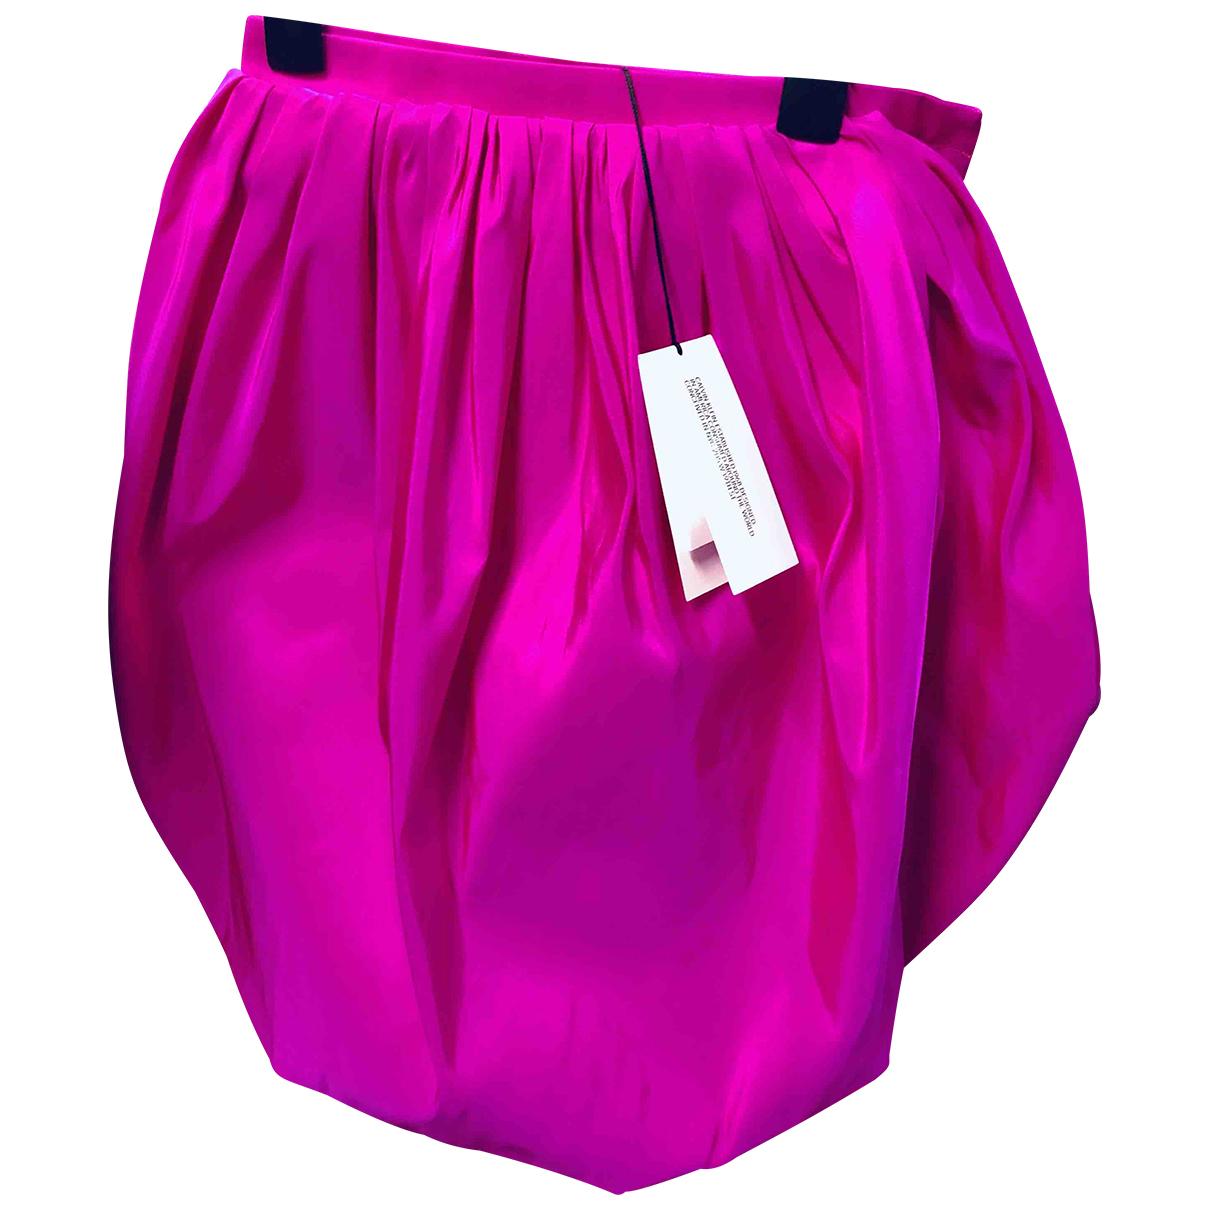 Calvin Klein 205w39nyc - Jupe   pour femme en soie - rose